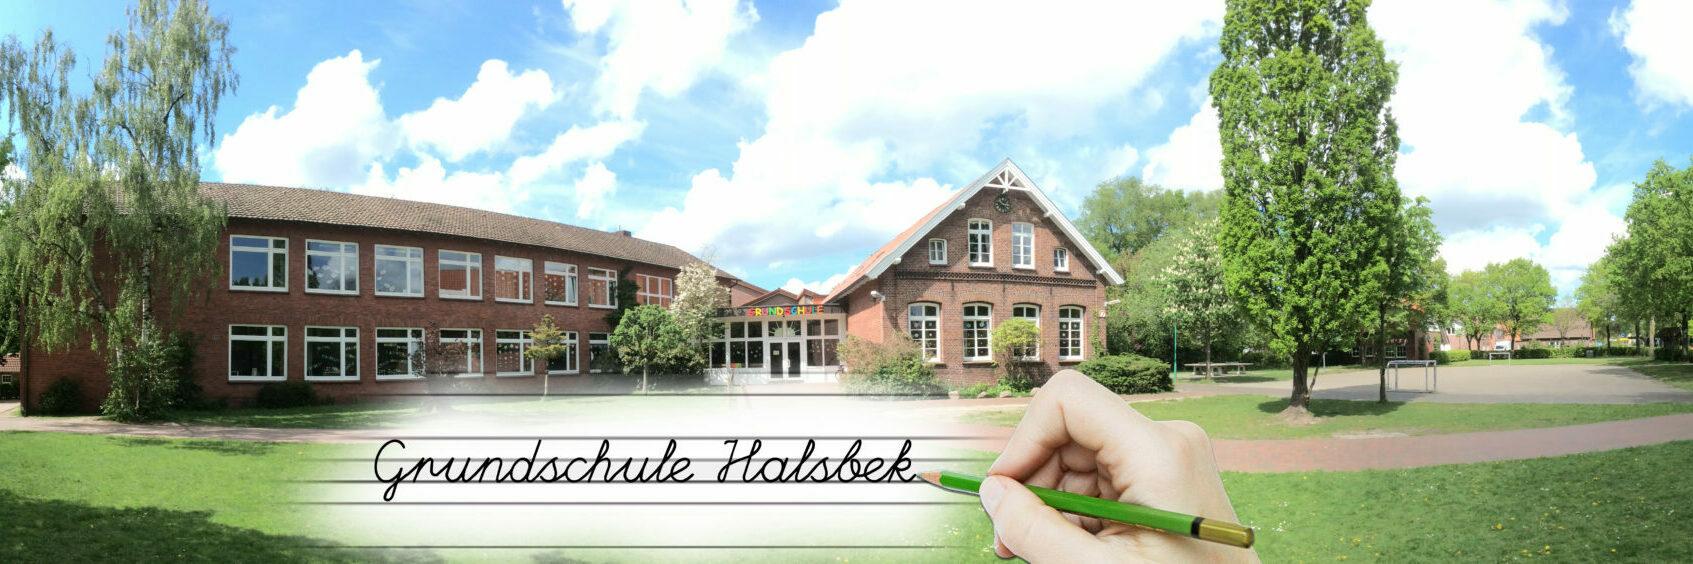 Grundschule Halsbek